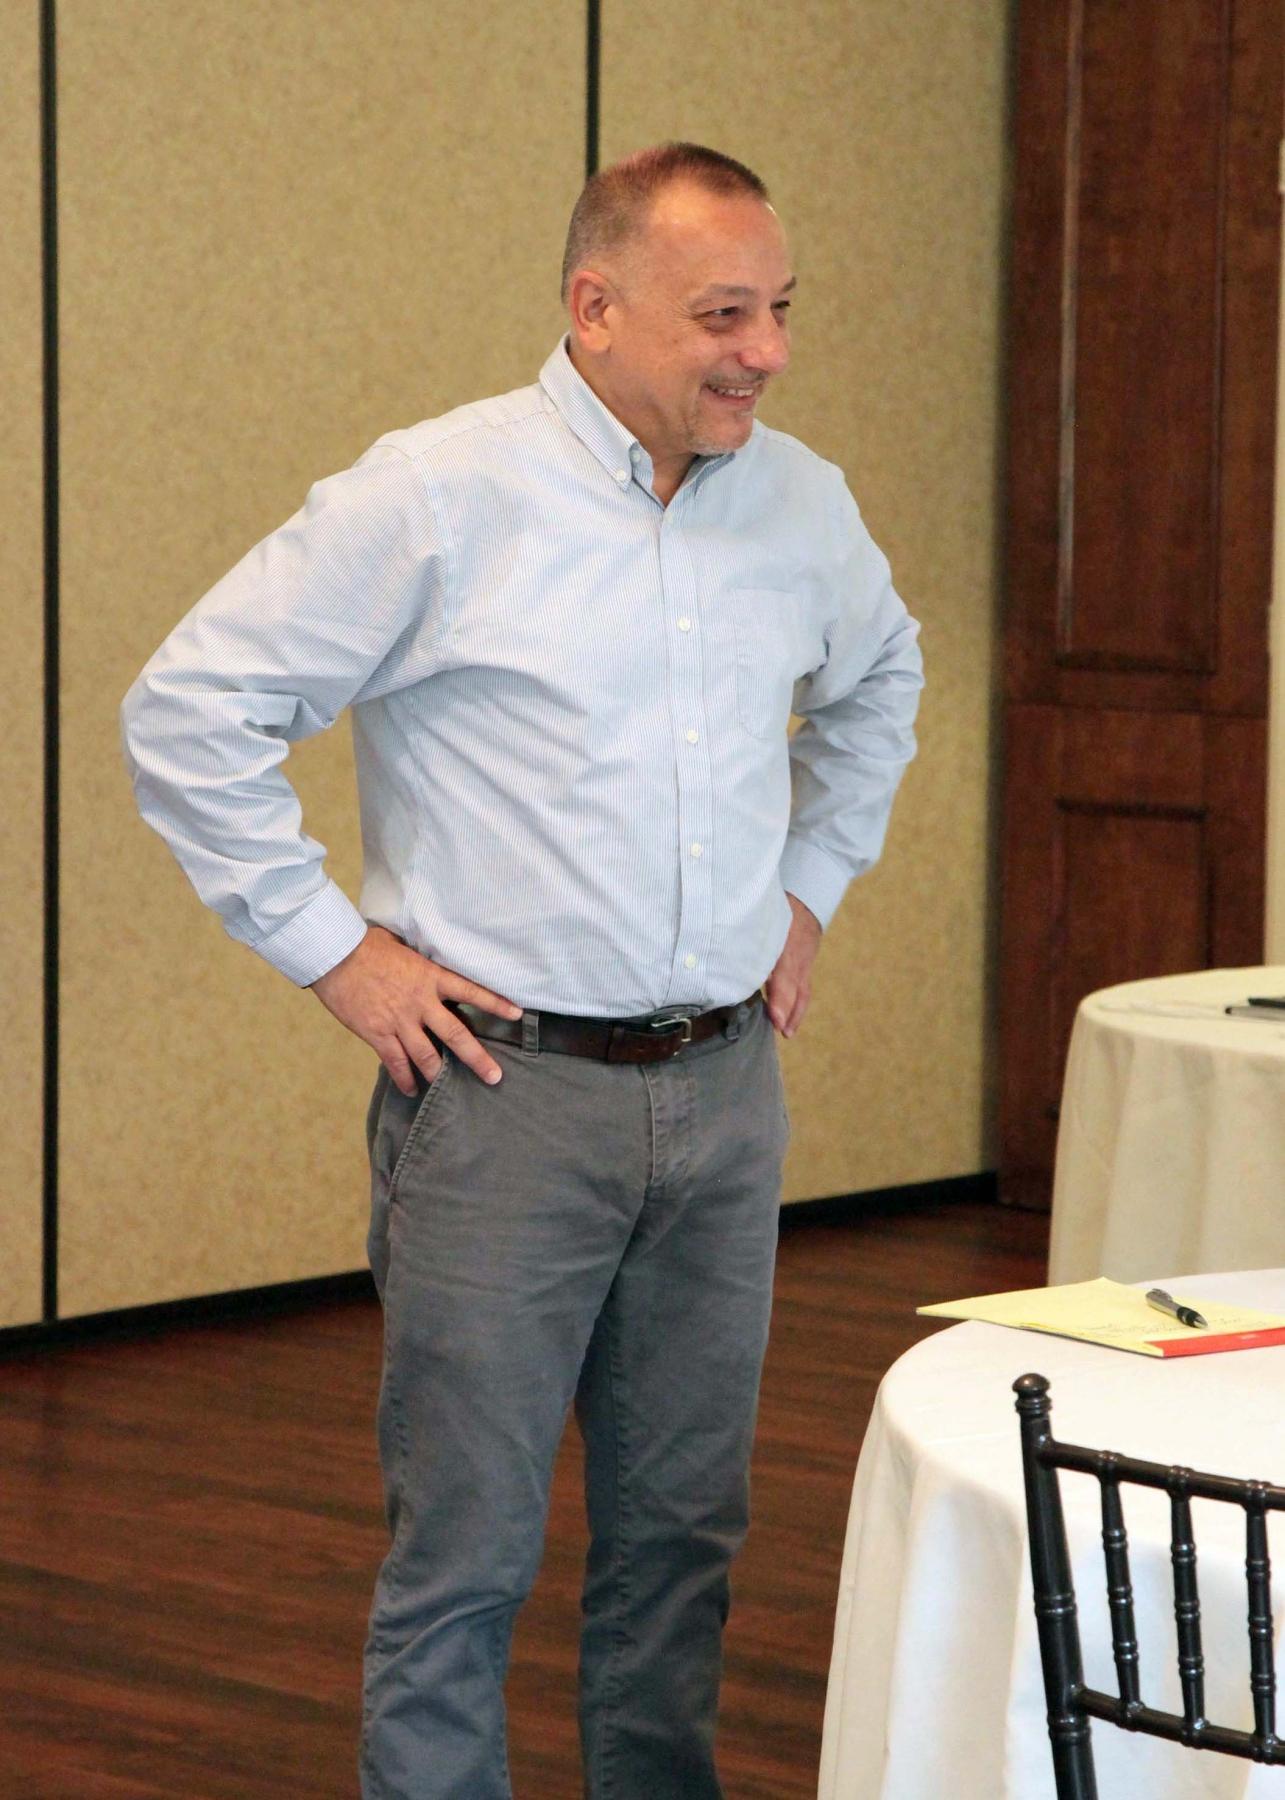 Jeff Perrotti, Dir of MA Safe Schools Program for LGBTQ Students